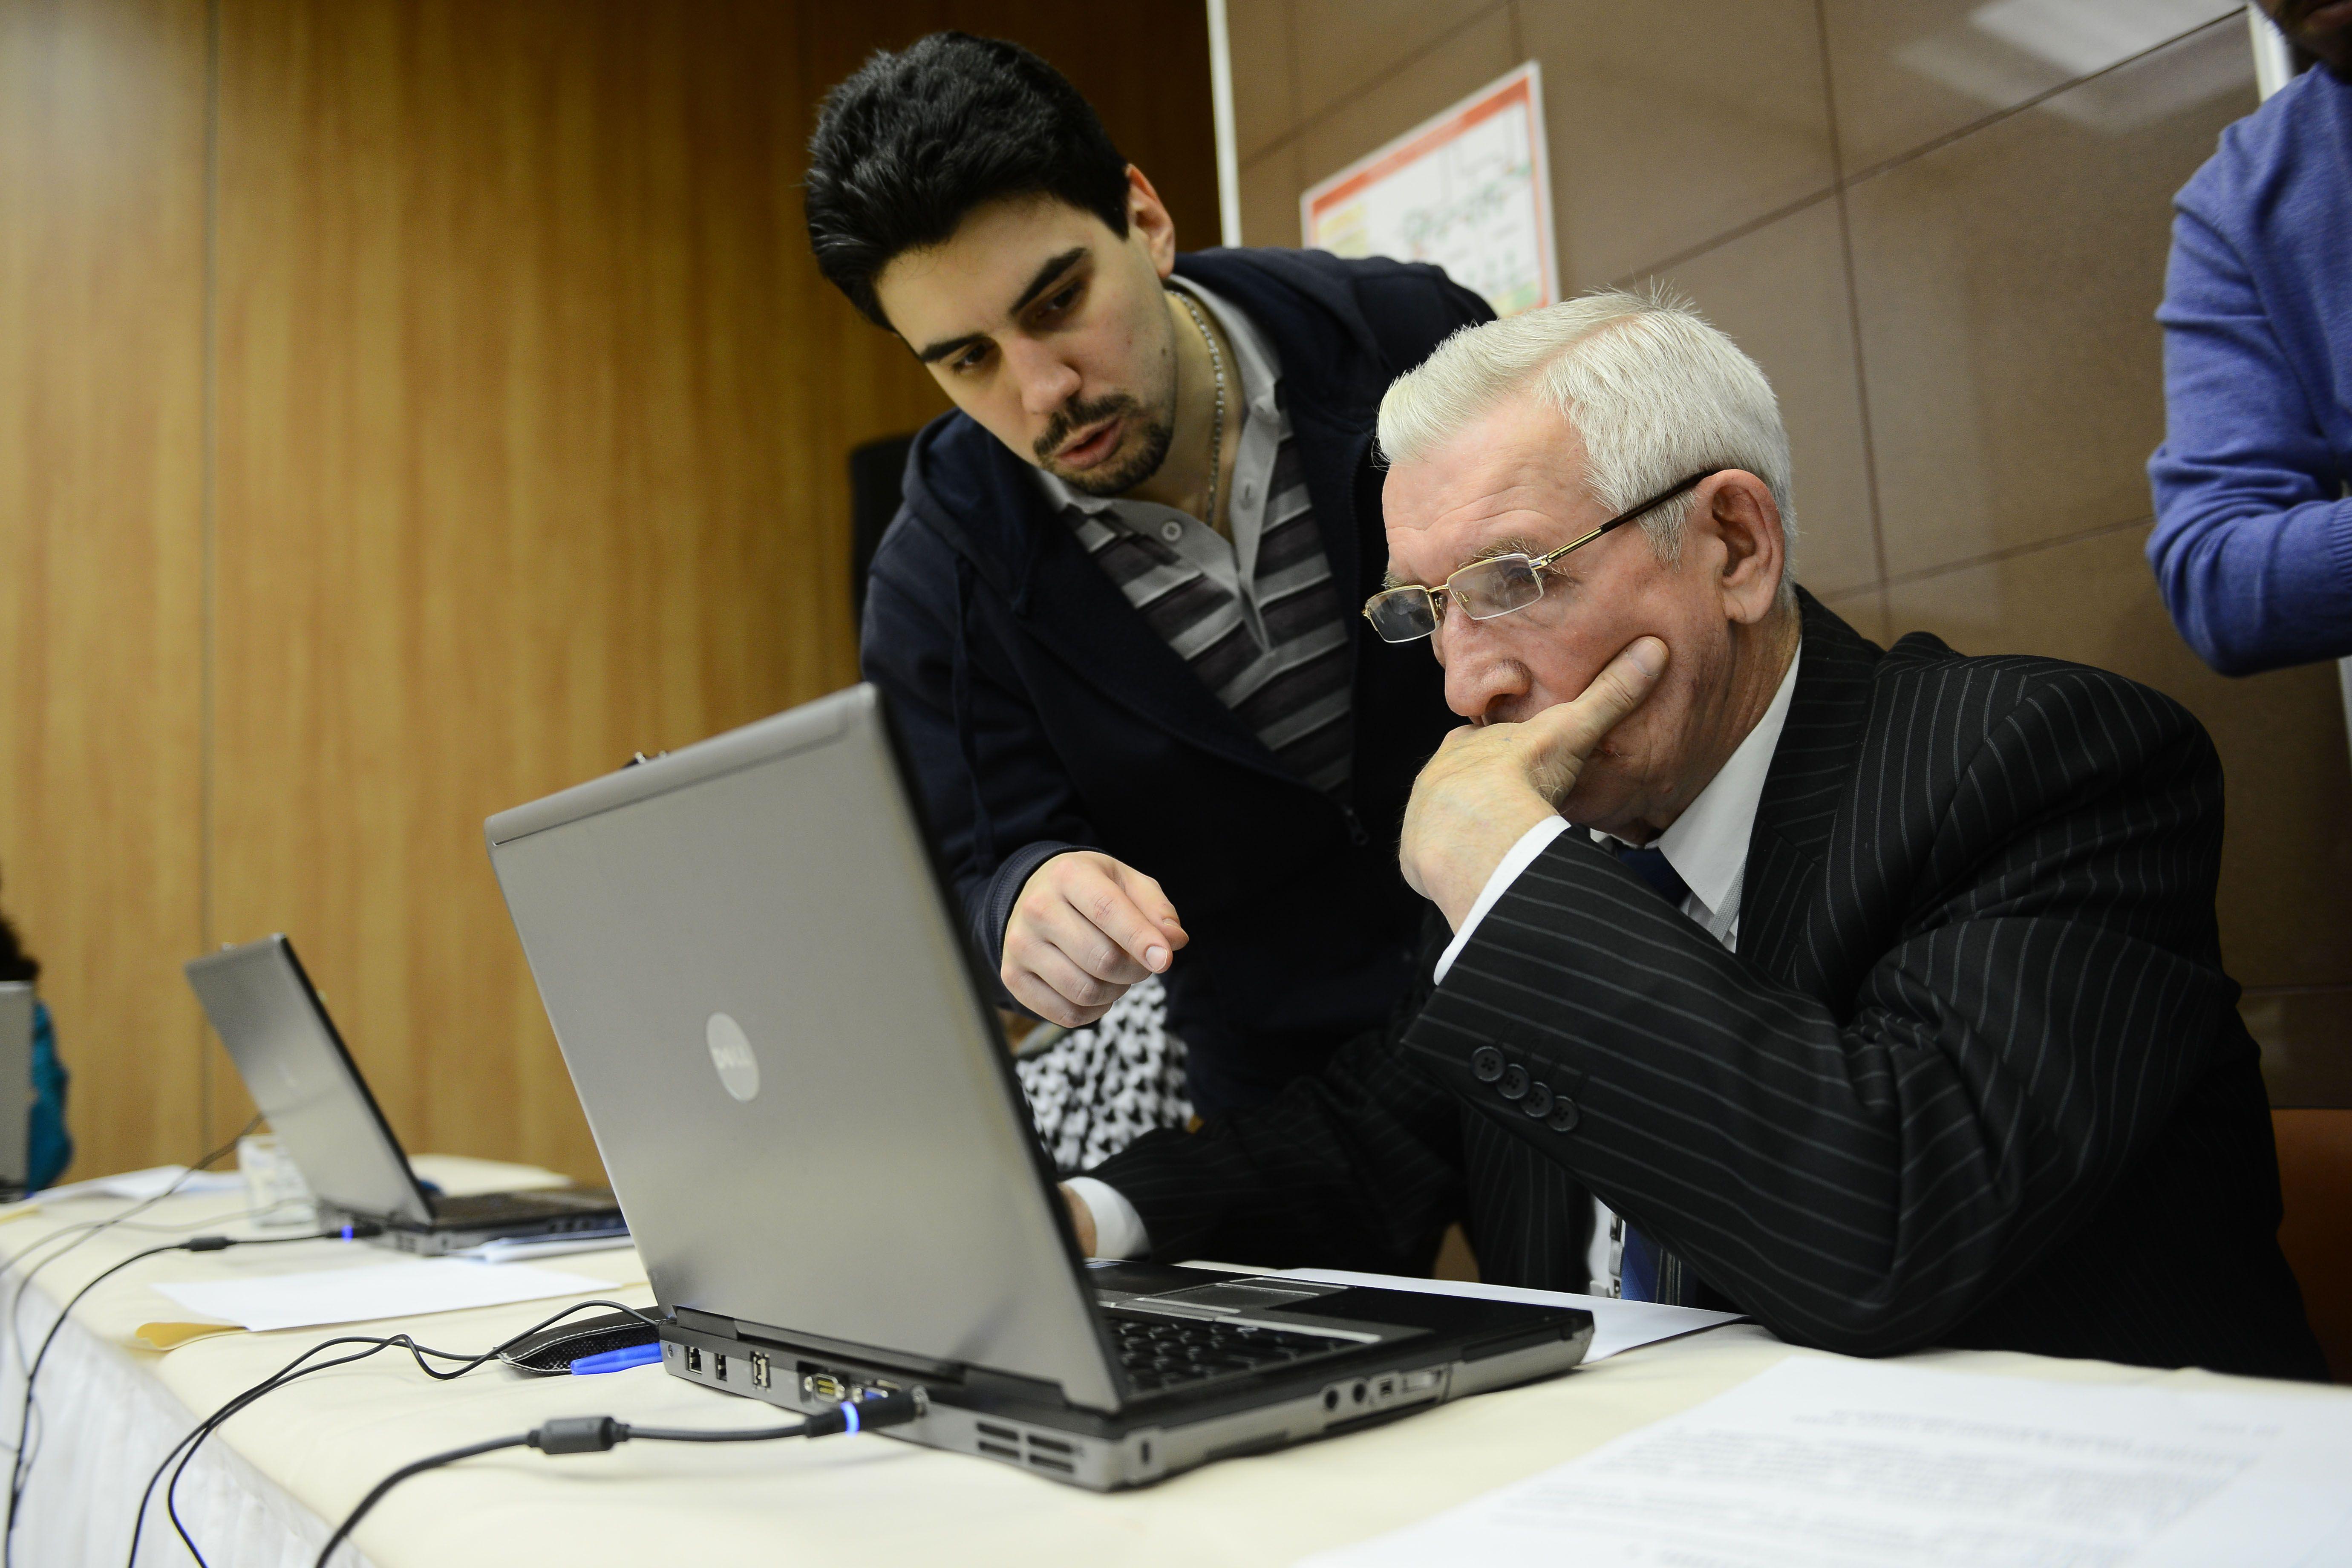 Власти помогут москвичам предпенсионного возраста получить новую профессию